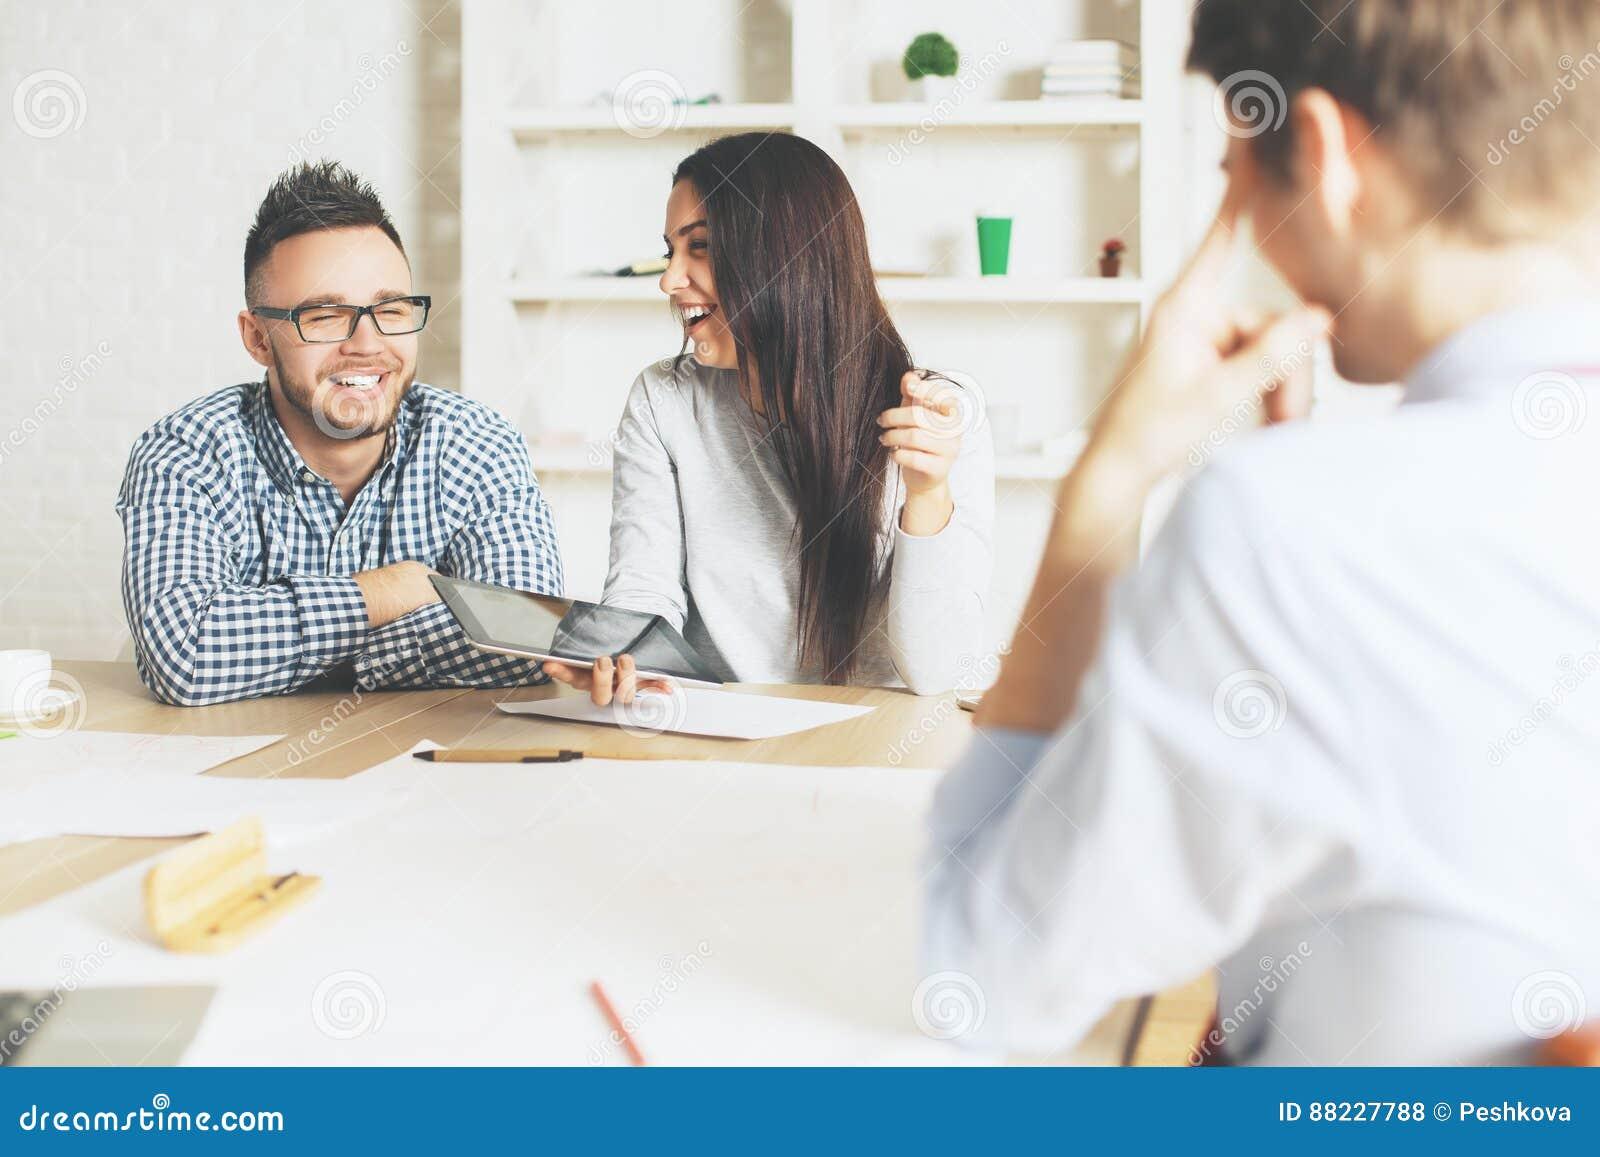 Homme et femme interviewés pour un travail